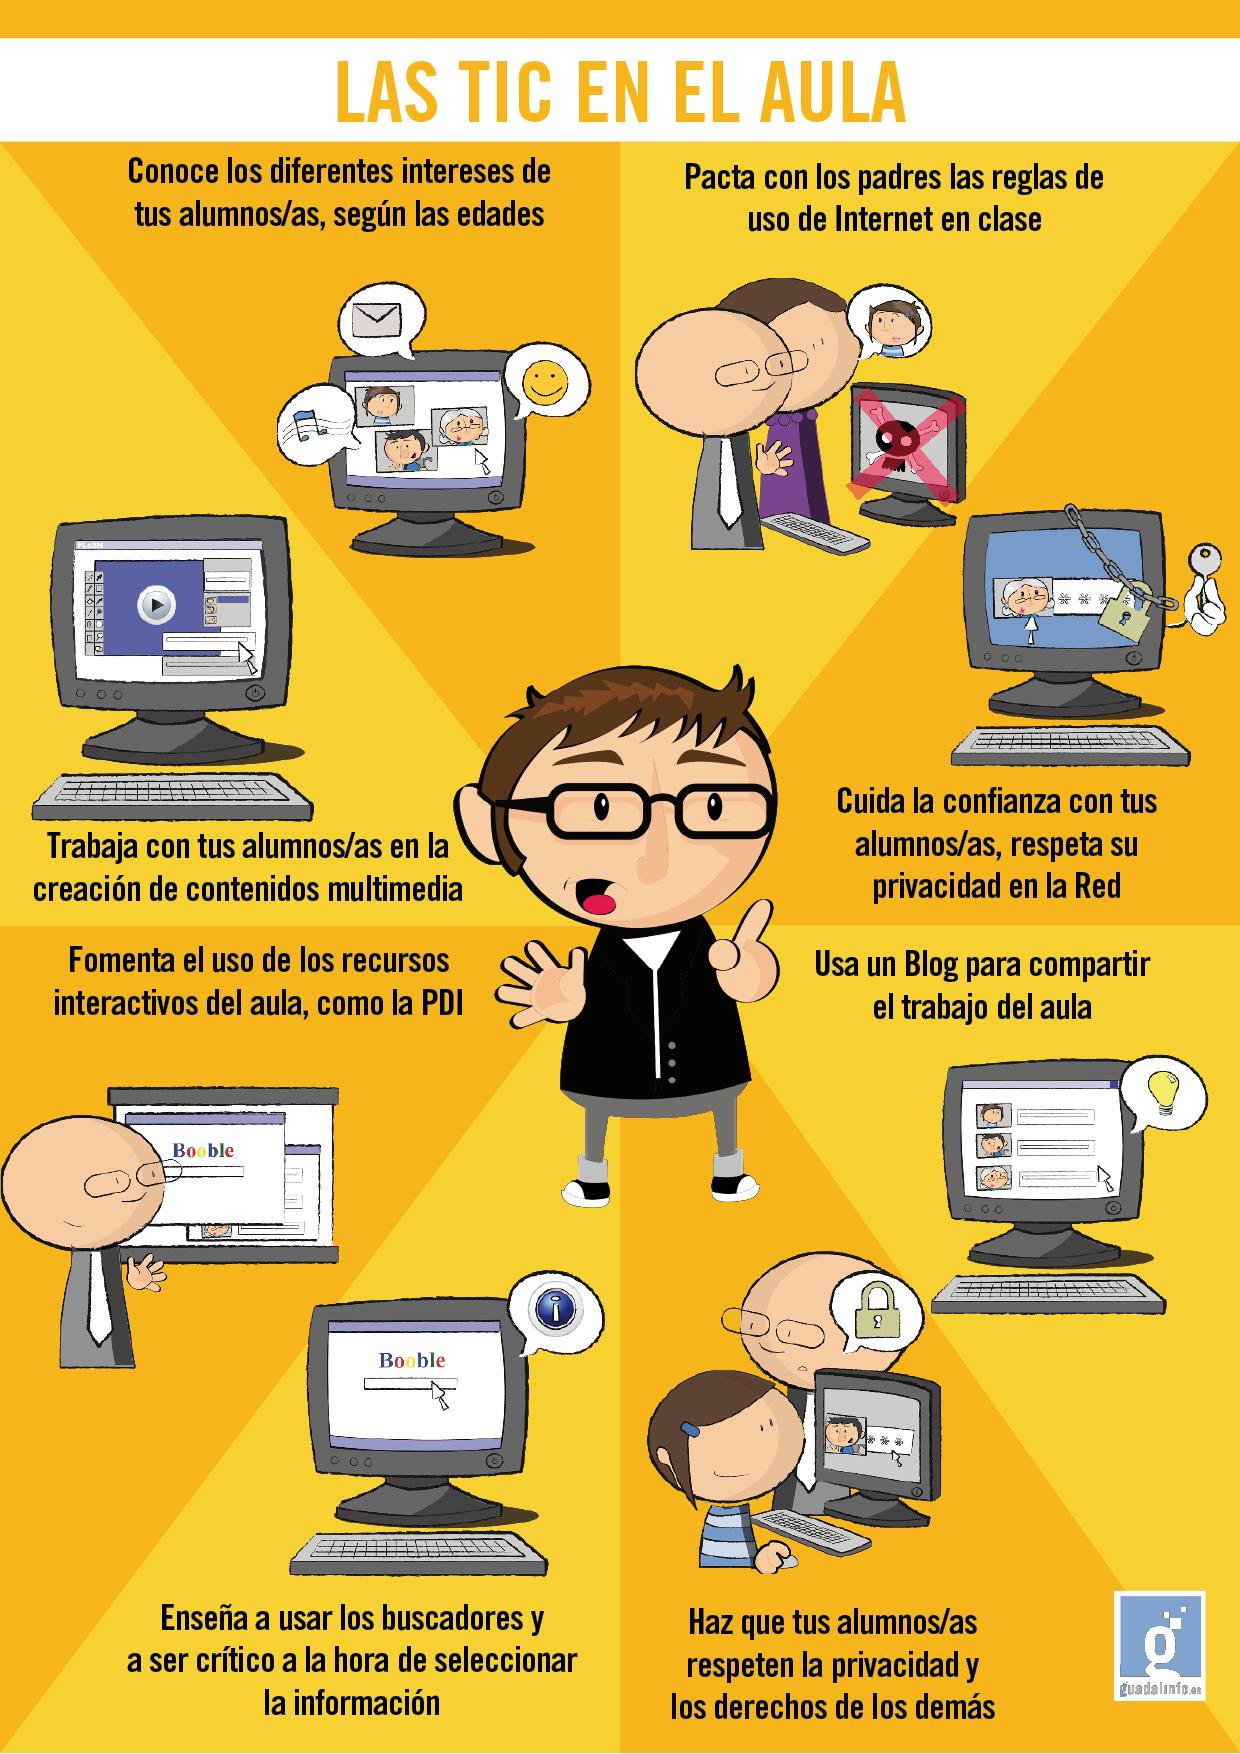 Trucos de seguridad online | Bunis.org